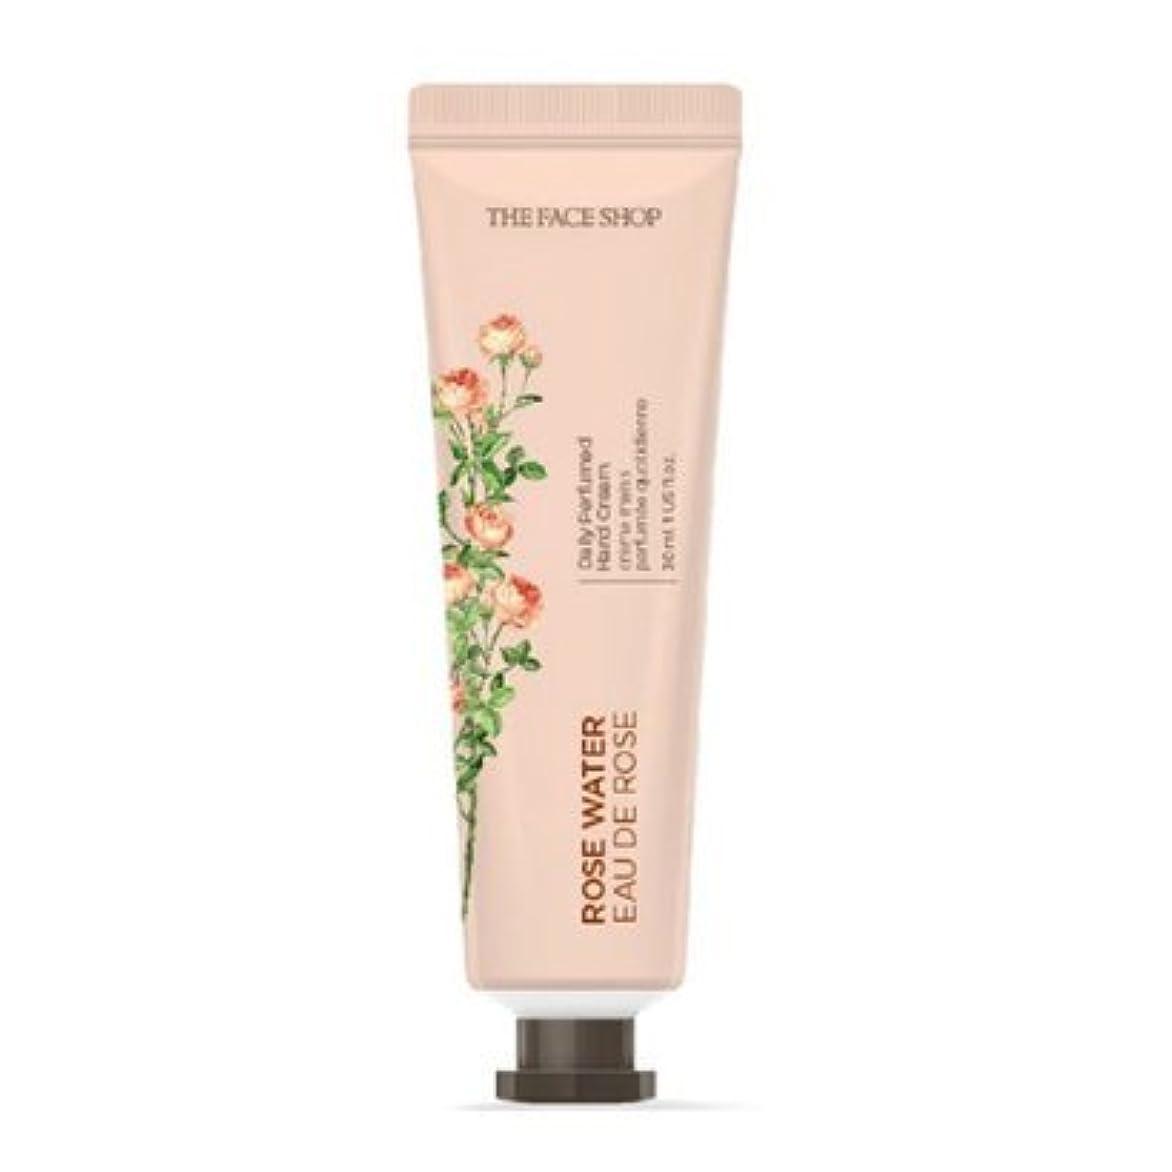 バウンス札入れまたは[1+1] THE FACE SHOP Daily Perfume Hand Cream [01.Rose Water] ザフェイスショップ デイリーパフュームハンドクリーム [01.ローズウォーター] [new] [並行輸入品]